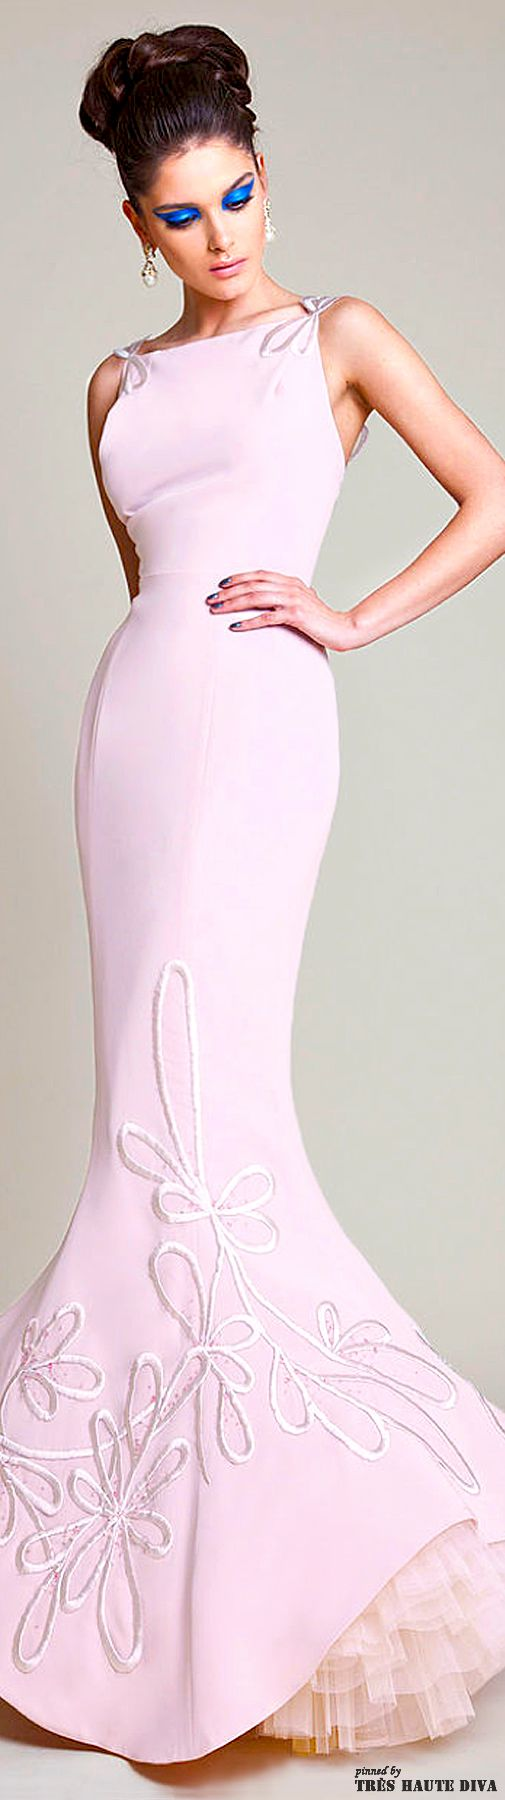 Pastell Hochzeit - Kleider ..... Pastell-Rosa #2088371 - Weddbook